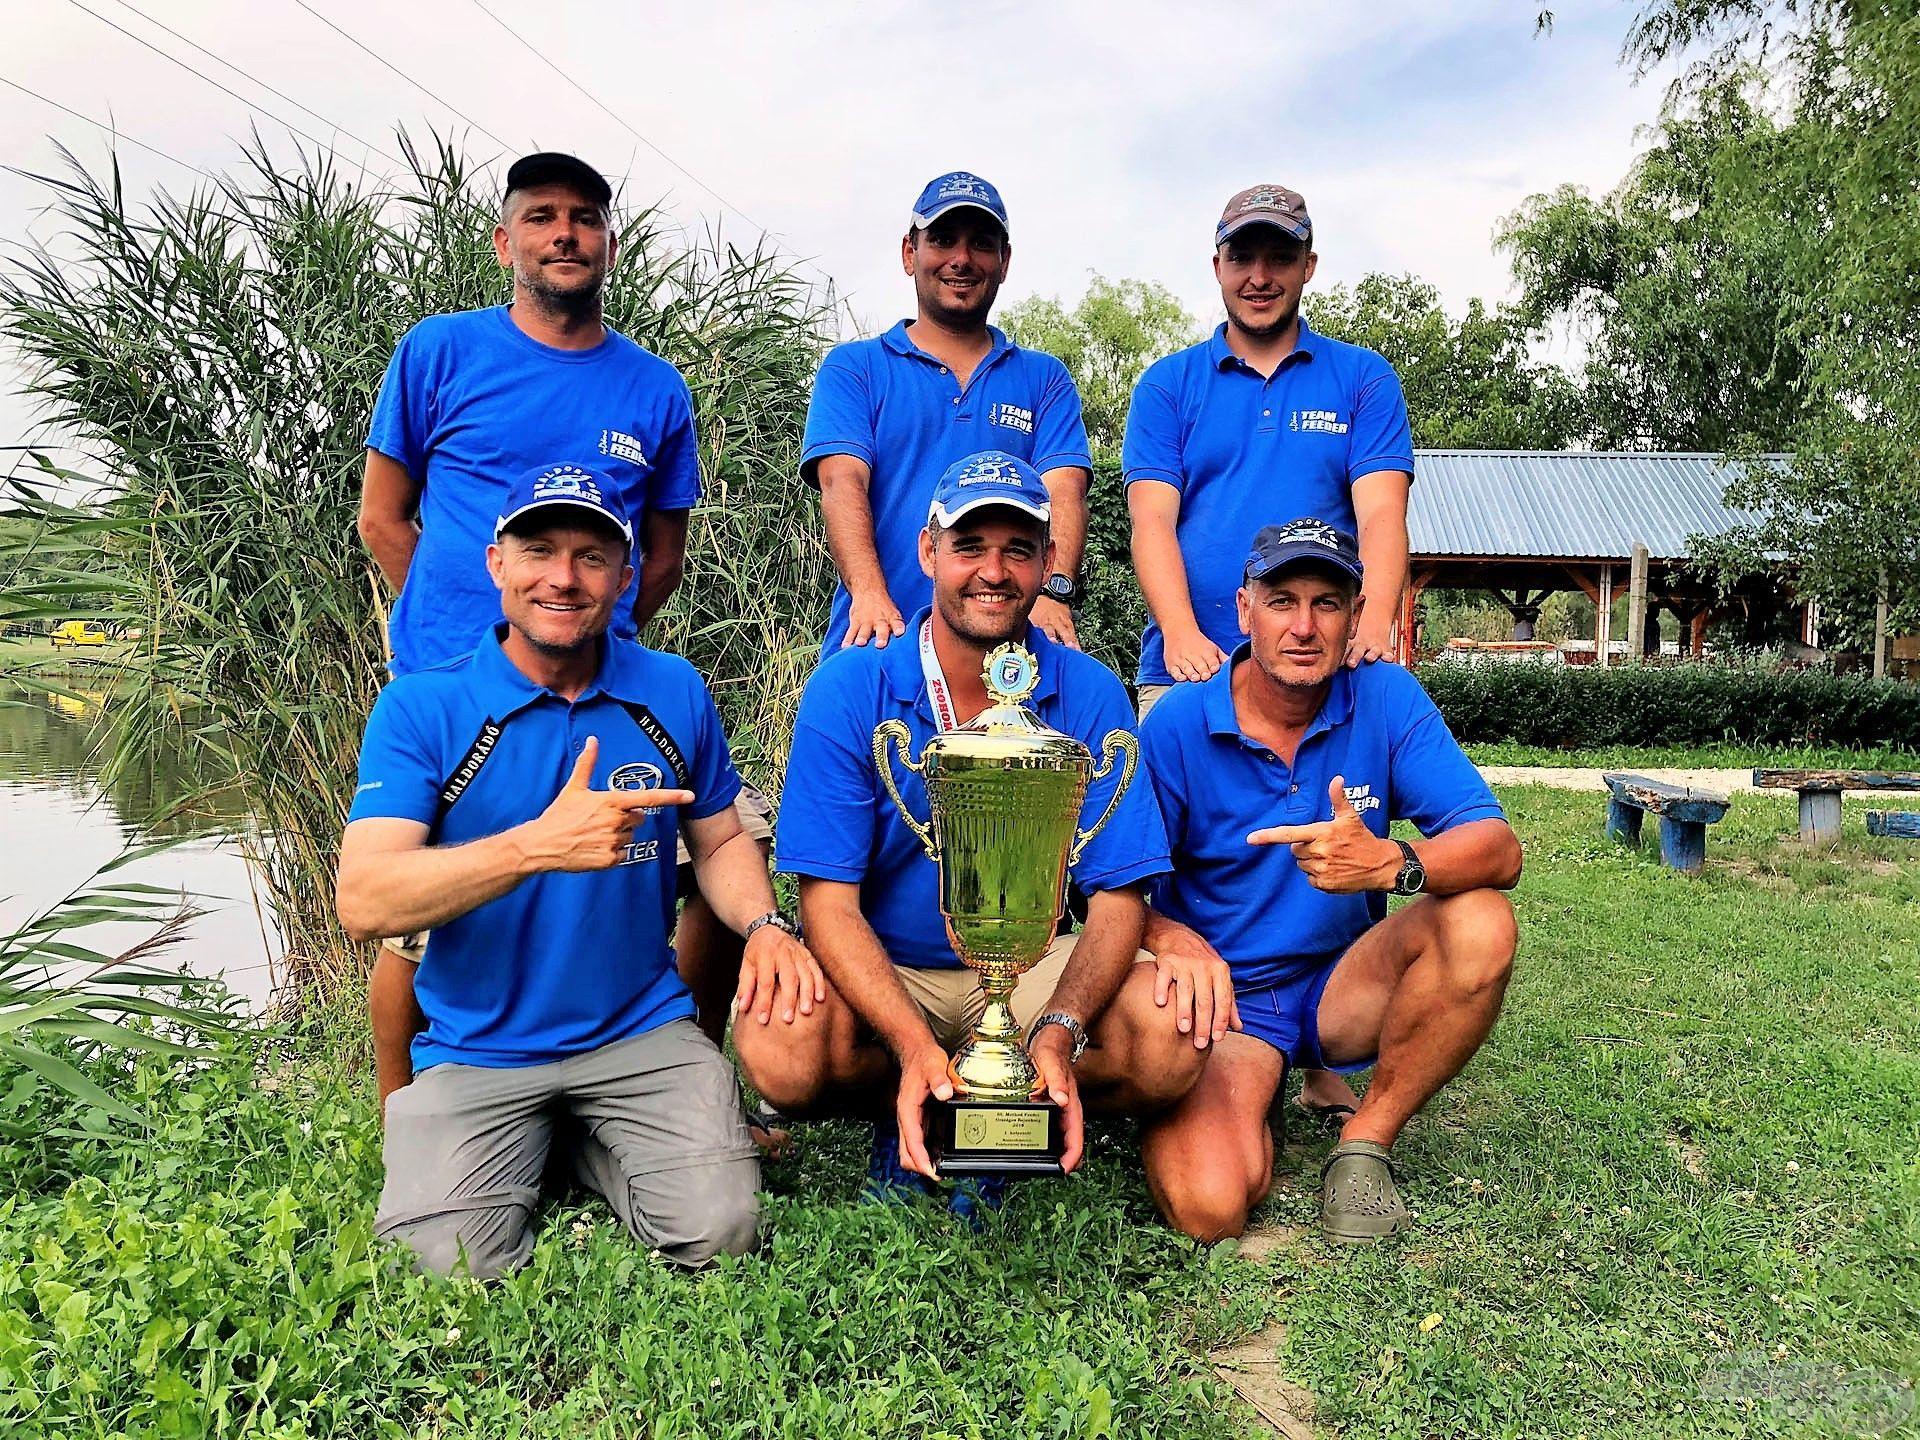 Hogyan legyél Magyar bajnok 1. lépés: Kell egy jó csapat!!!!